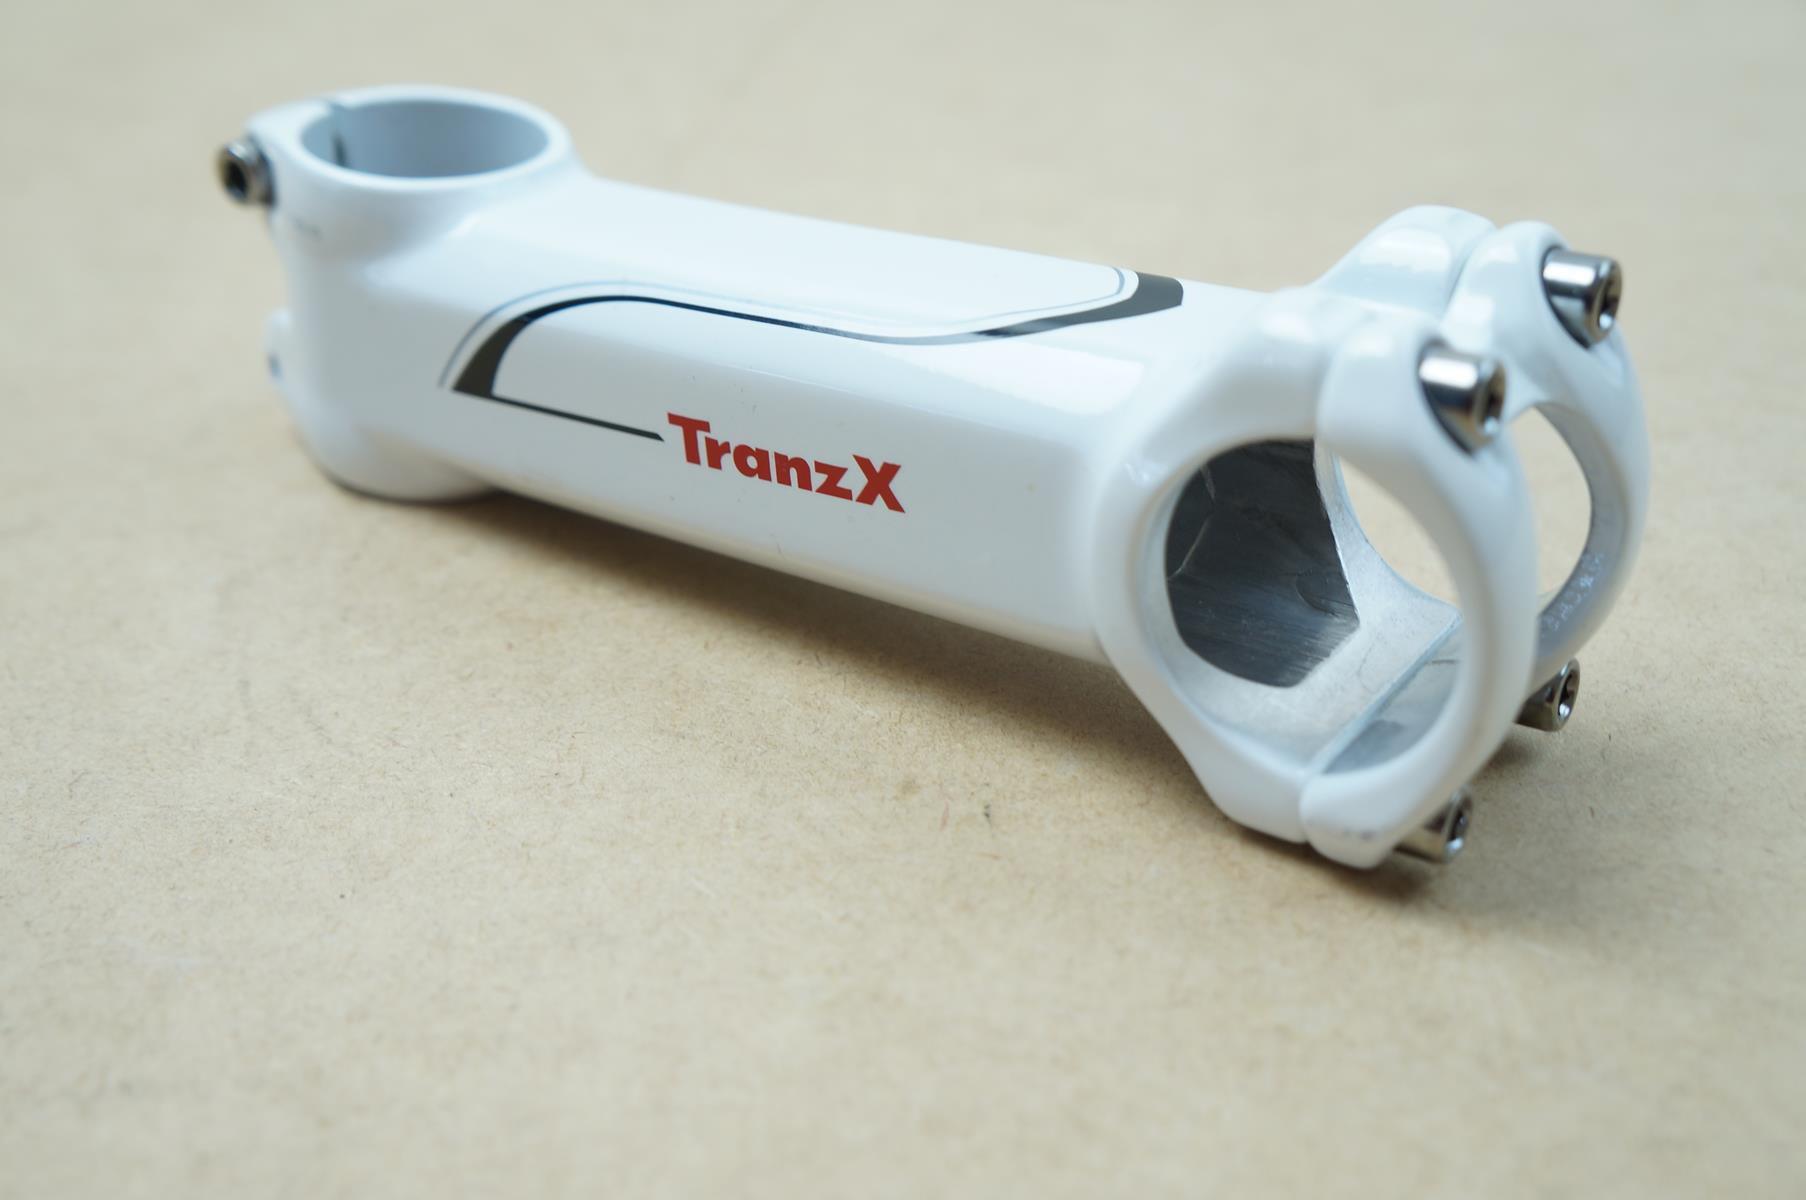 Mesa Avanço Bicicleta Mtb Tranzx 31.8mm 8º graus de Inclinação Cor Branca Varias Medidas